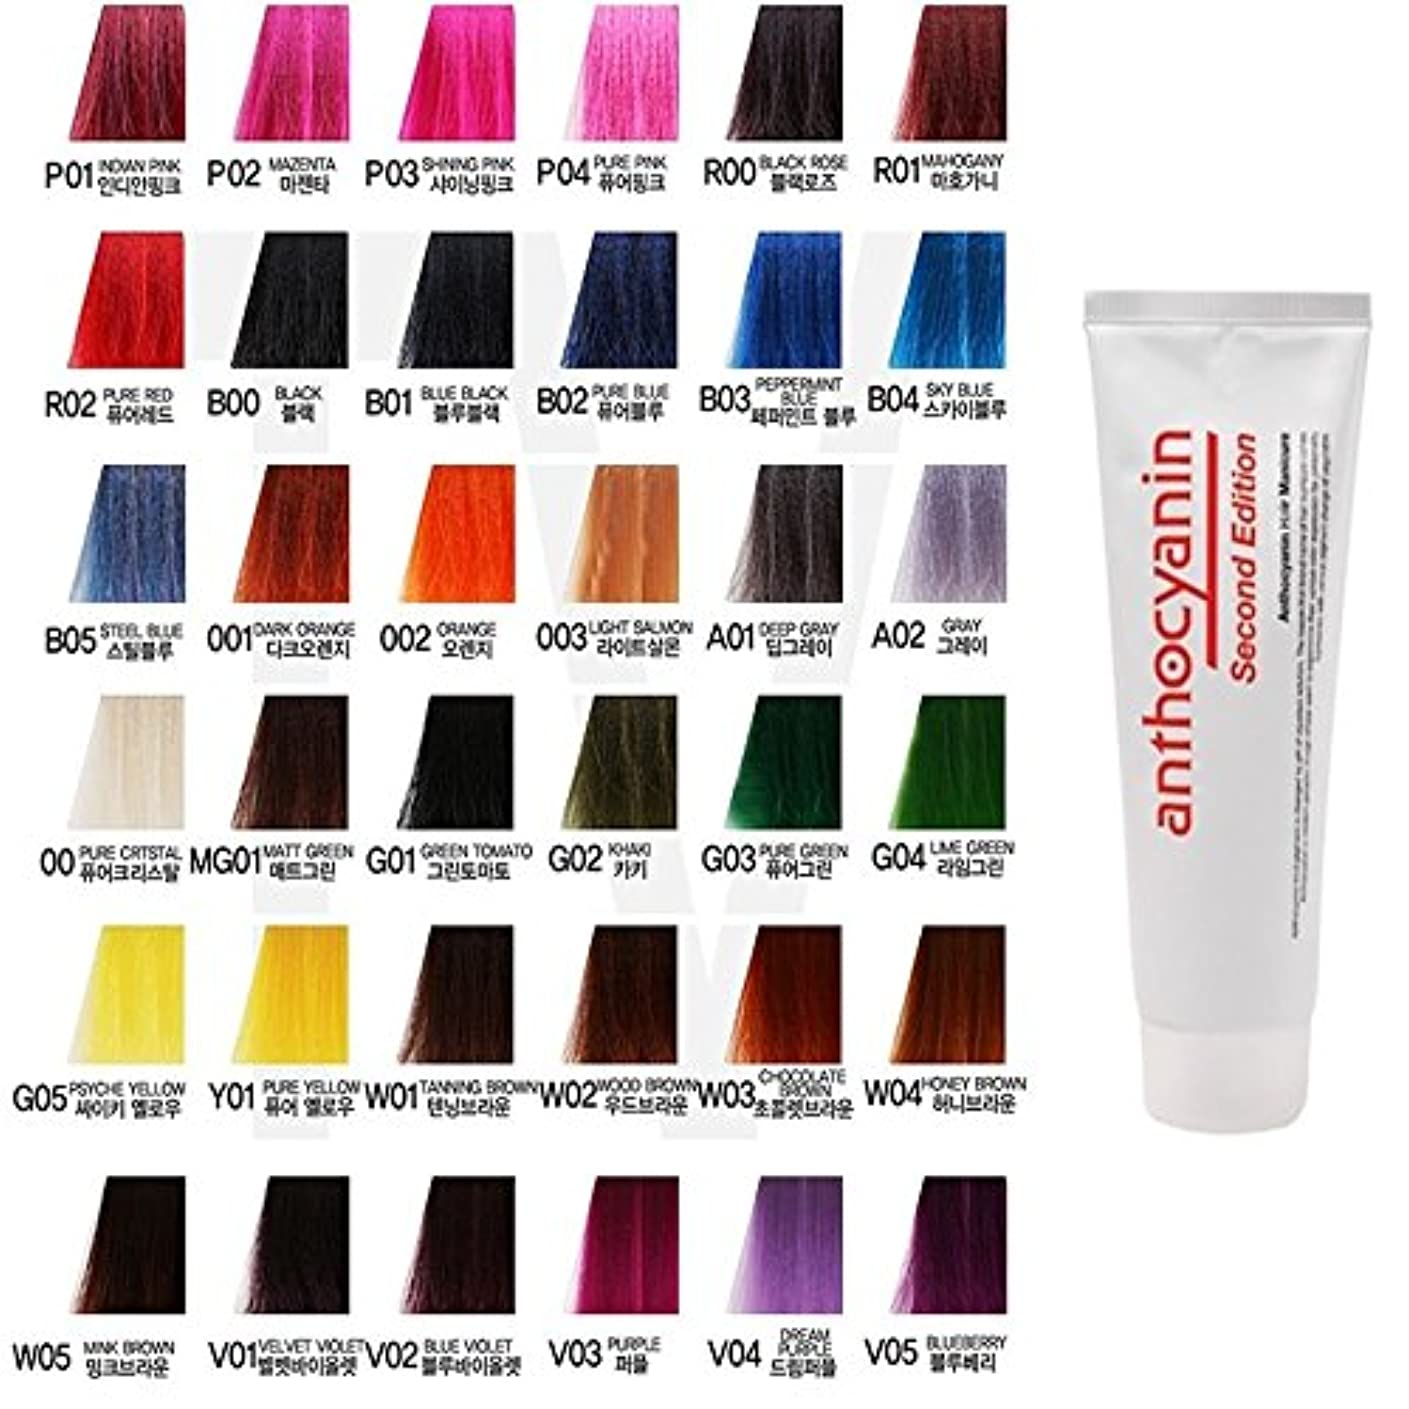 ストレス速いラジウムヘア マニキュア カラー セカンド エディション 230g セミ パーマネント 染毛剤 ( Hair Manicure Color Second Edition 230g Semi Permanent Hair Dye) [並行輸入品] (O12 Coral Orange)